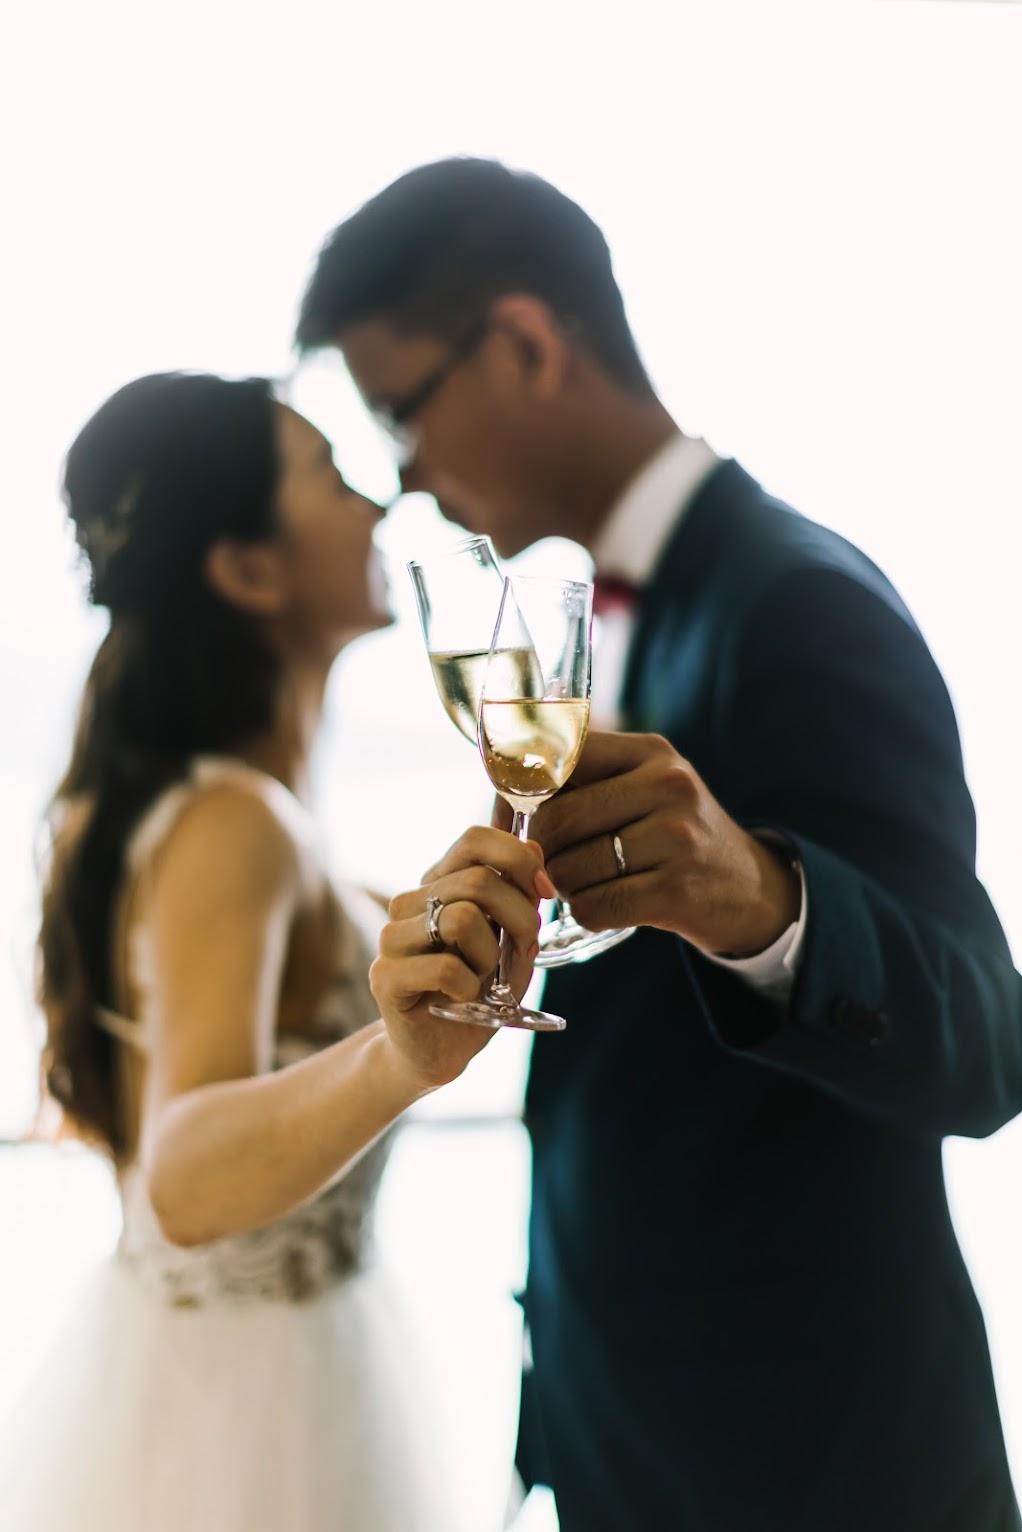 涵碧樓婚禮攝影 -交杯